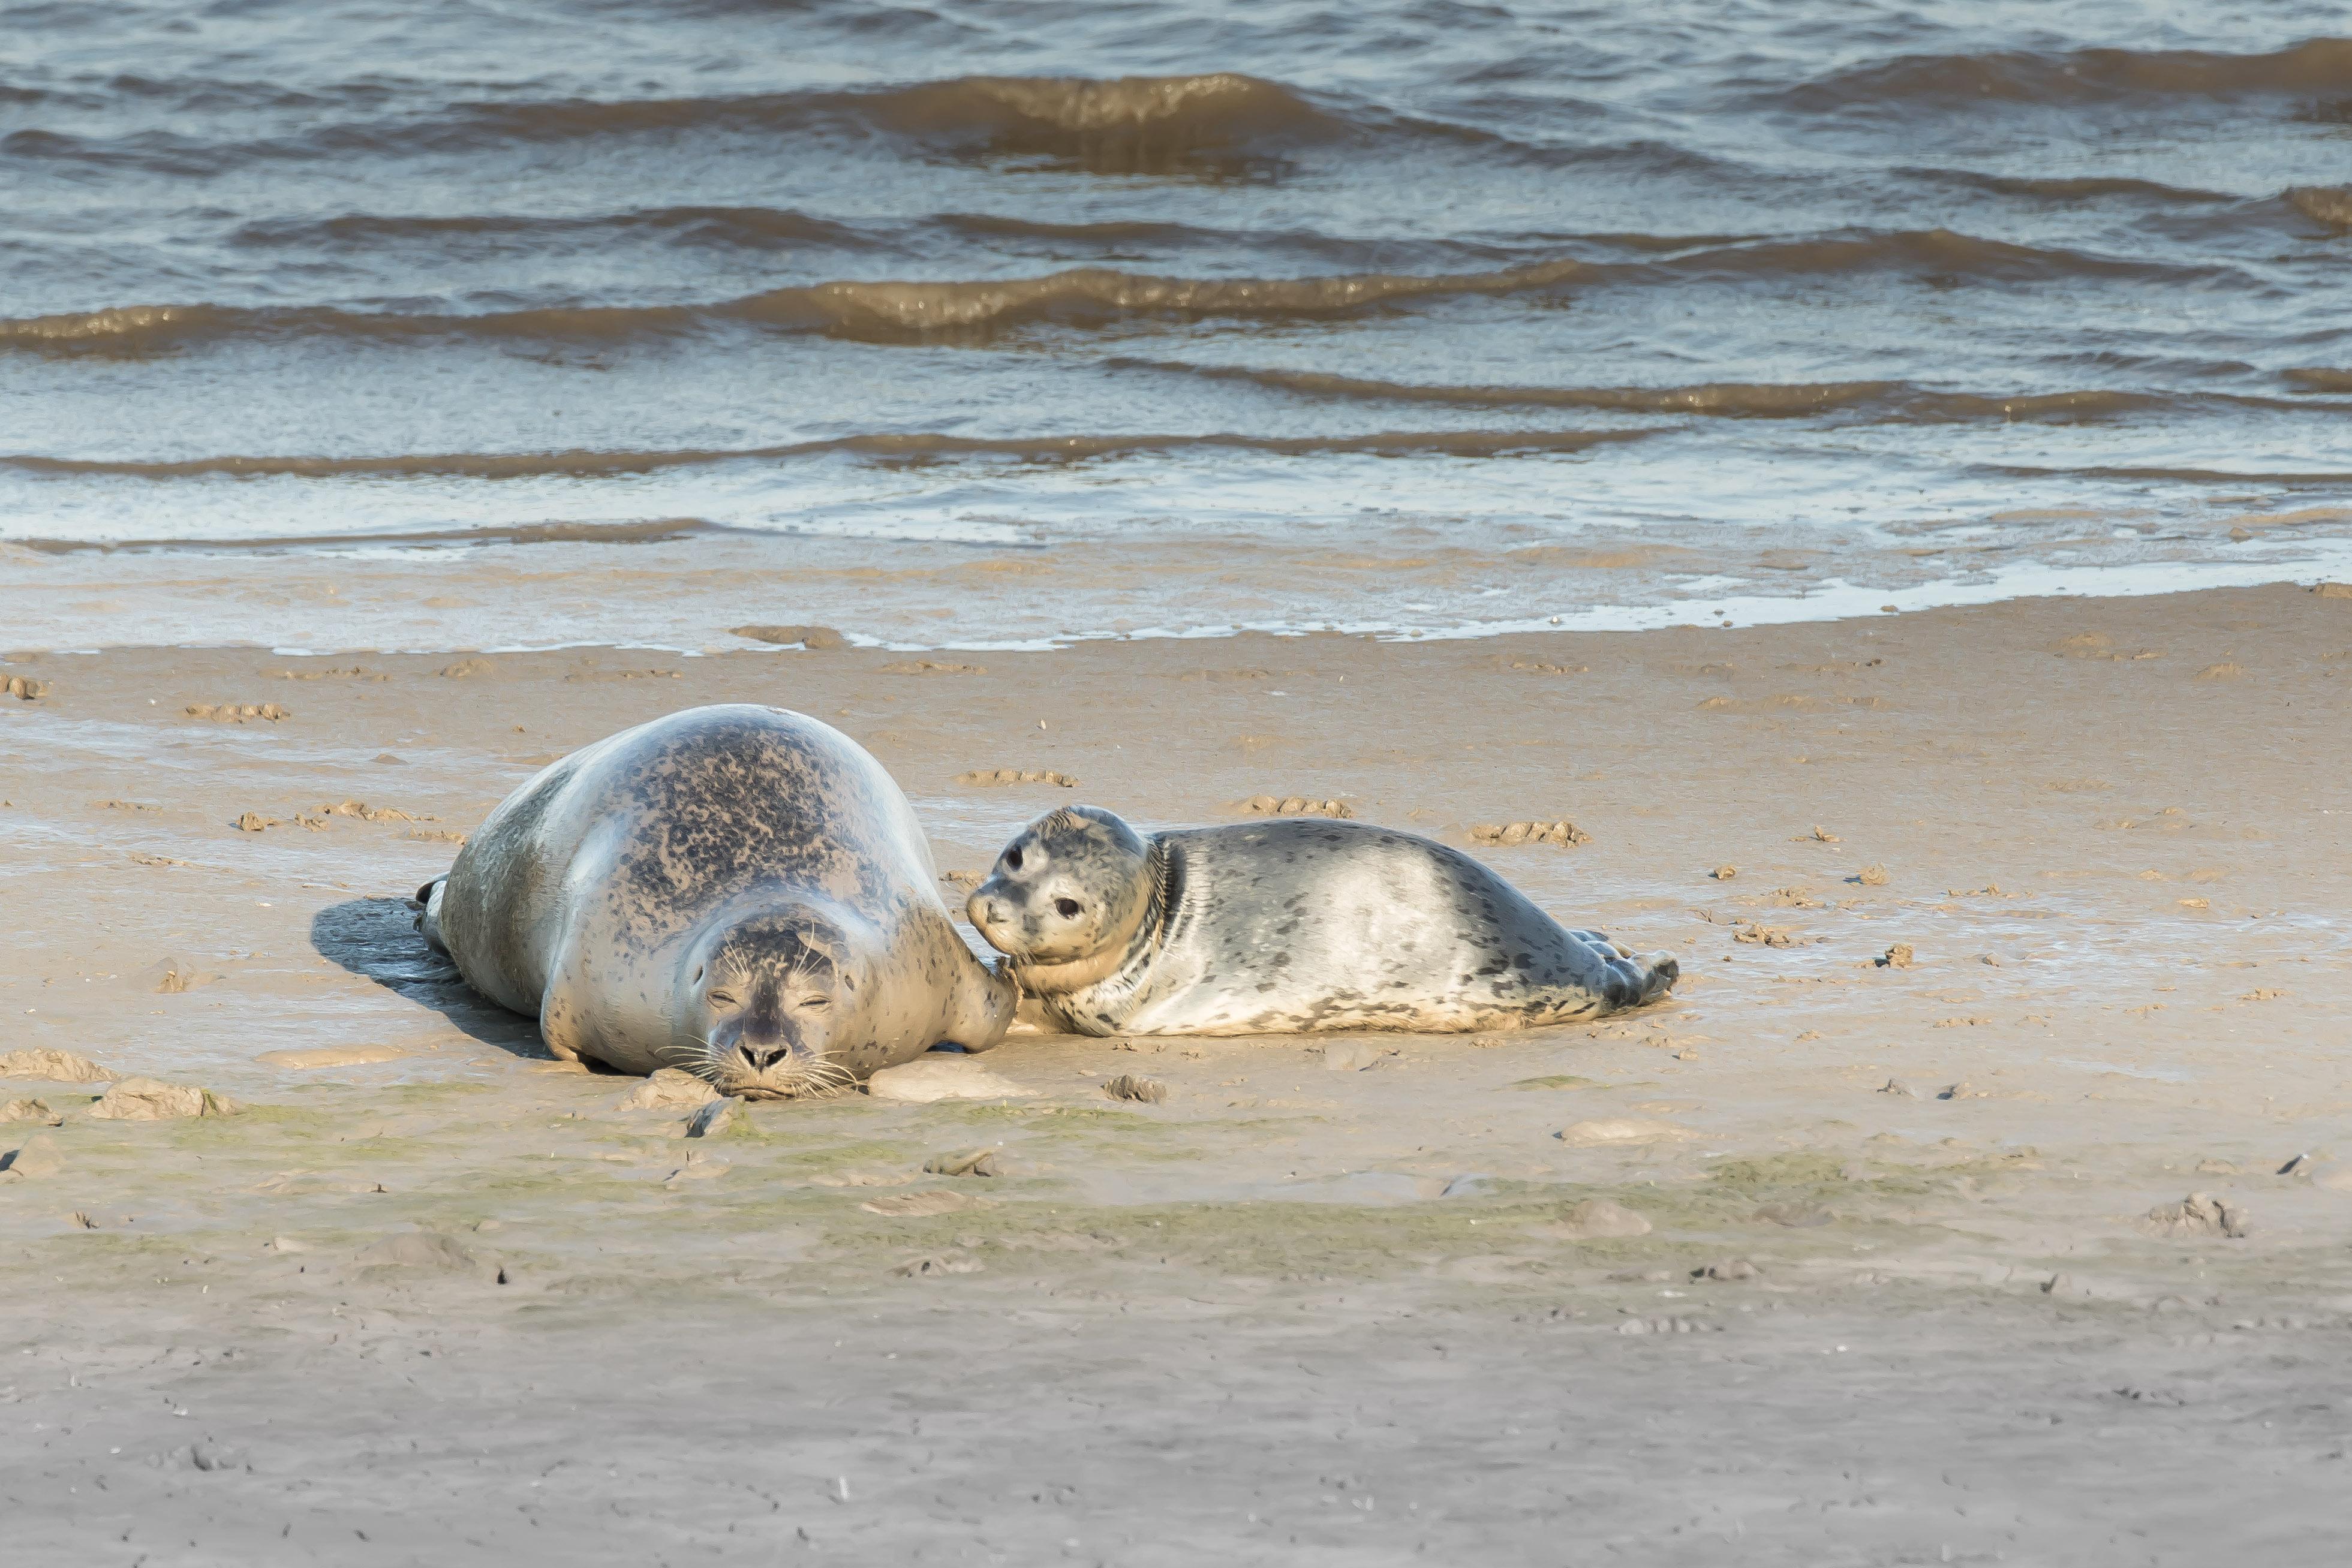 Zeehond met moeder op het strand VVV Texel fotograaf Mieke Bazuin